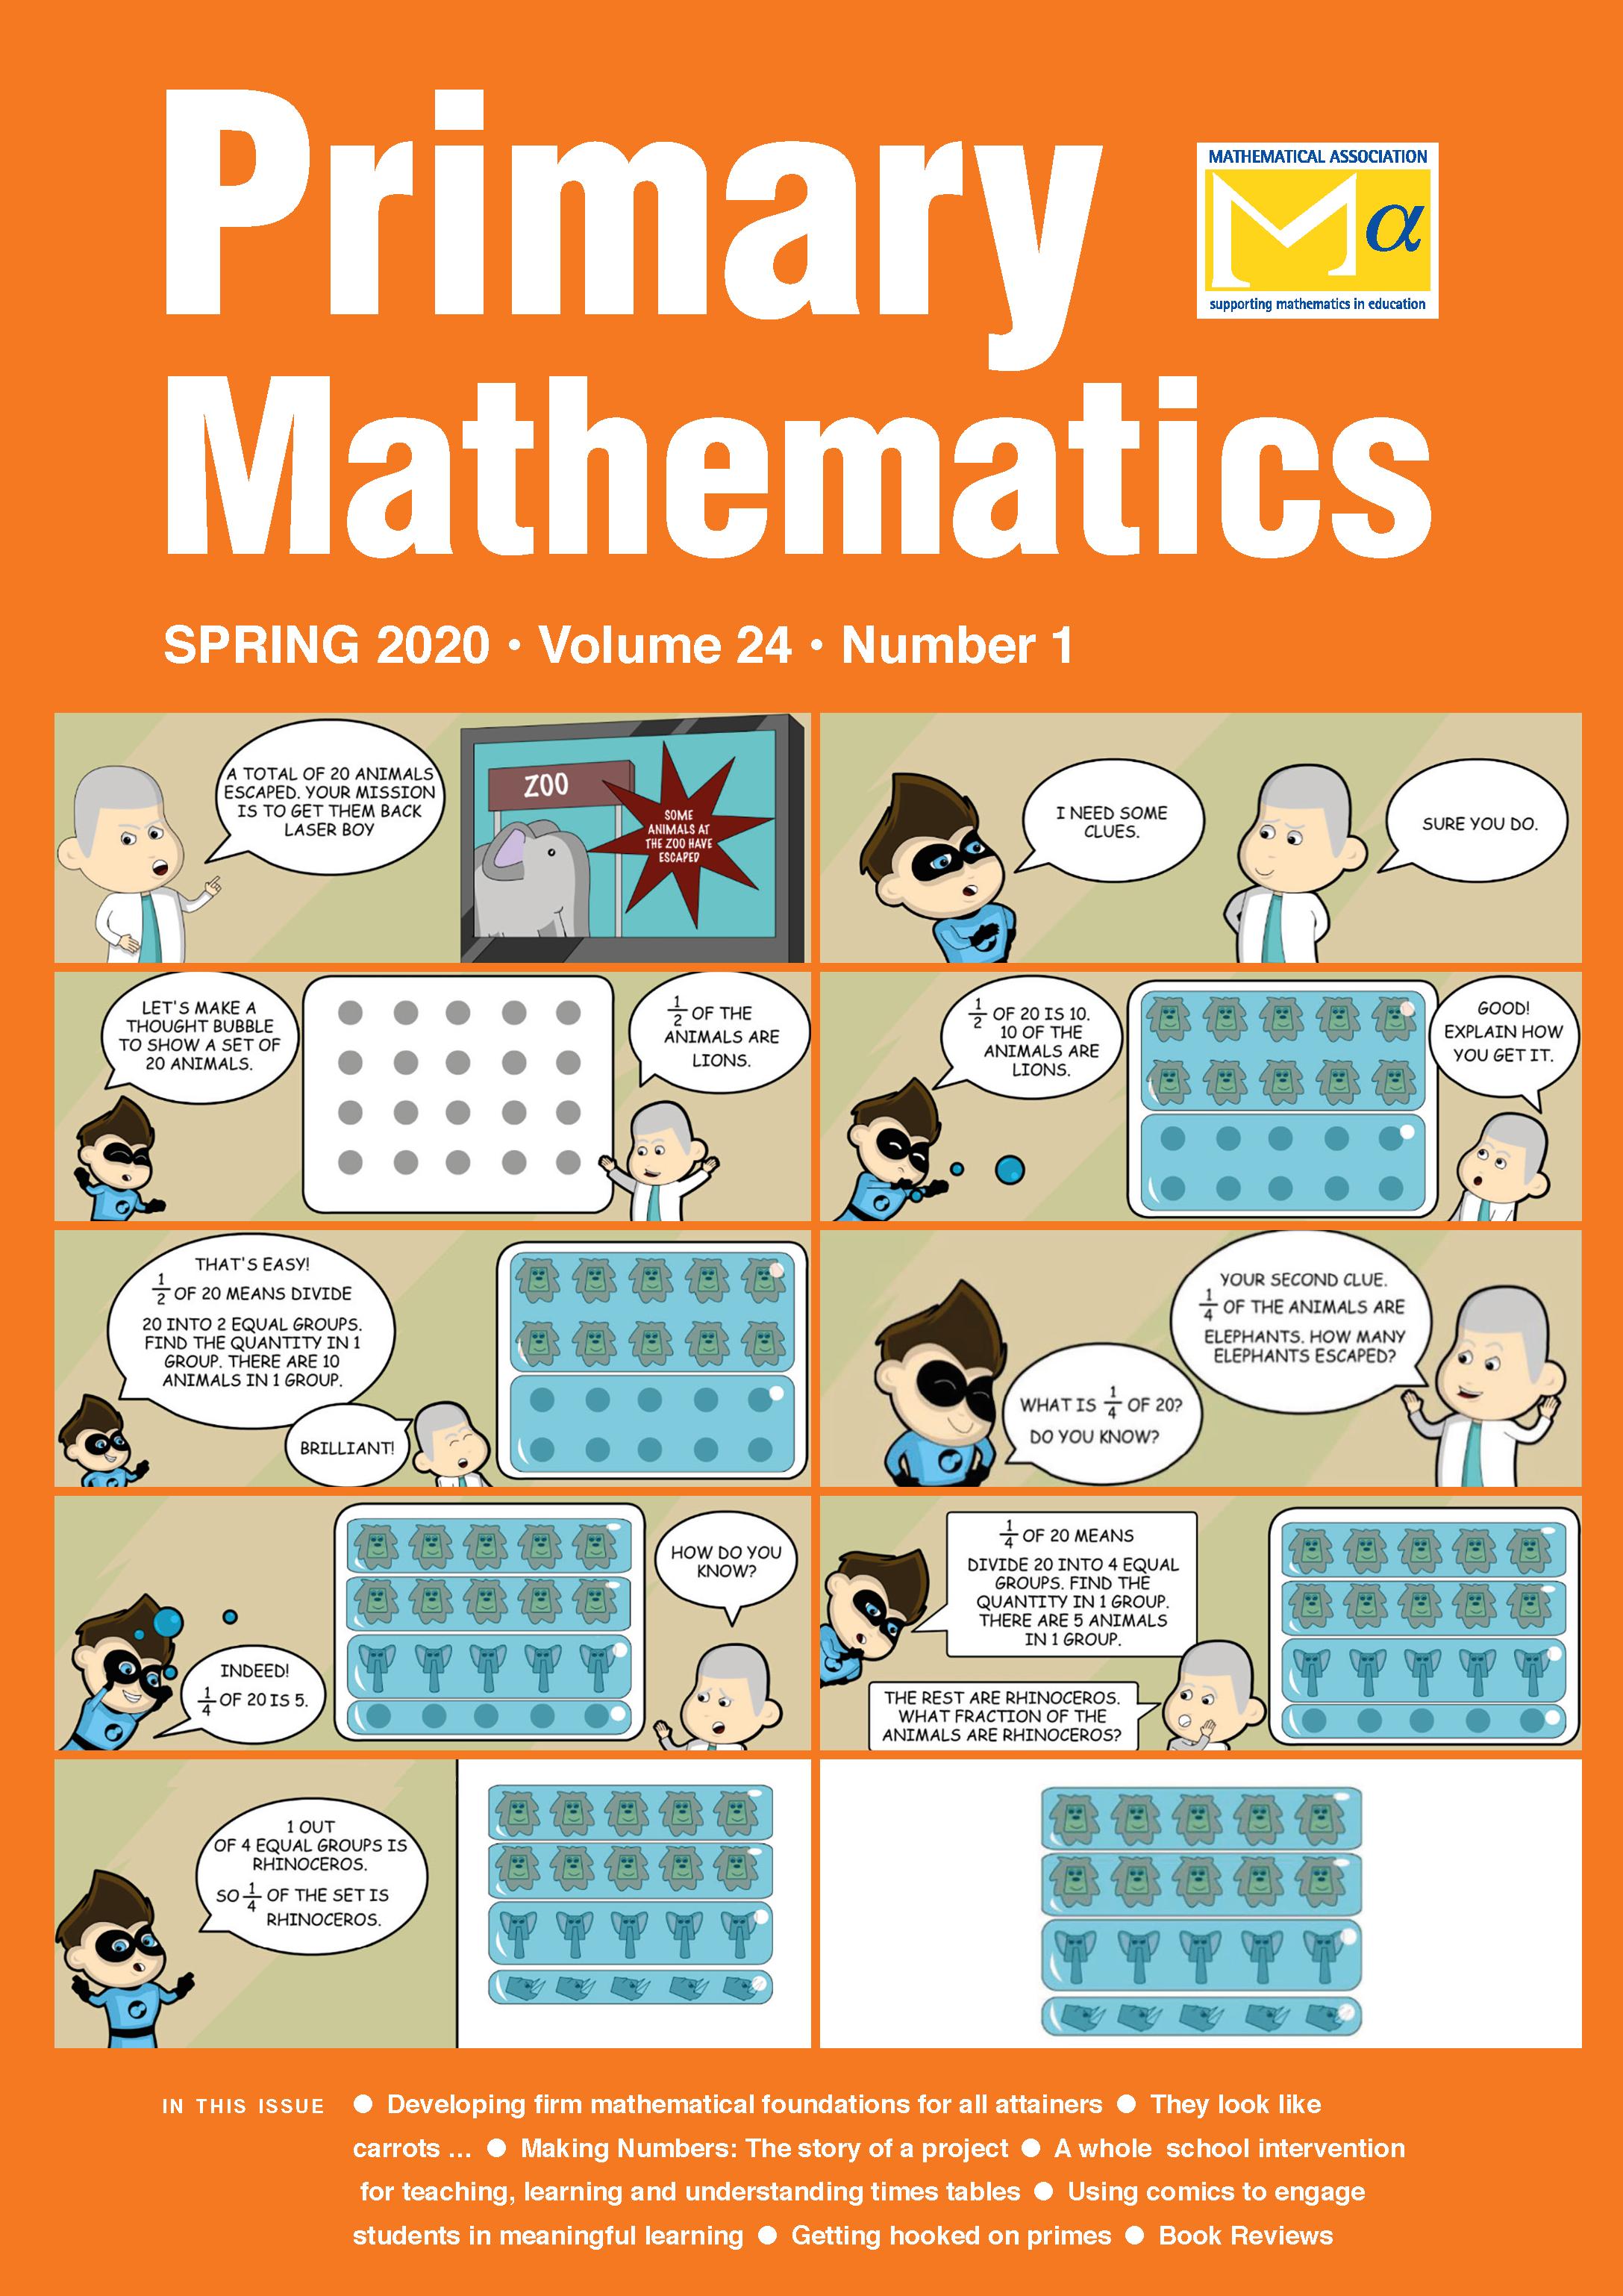 Primary Mathematics Journal